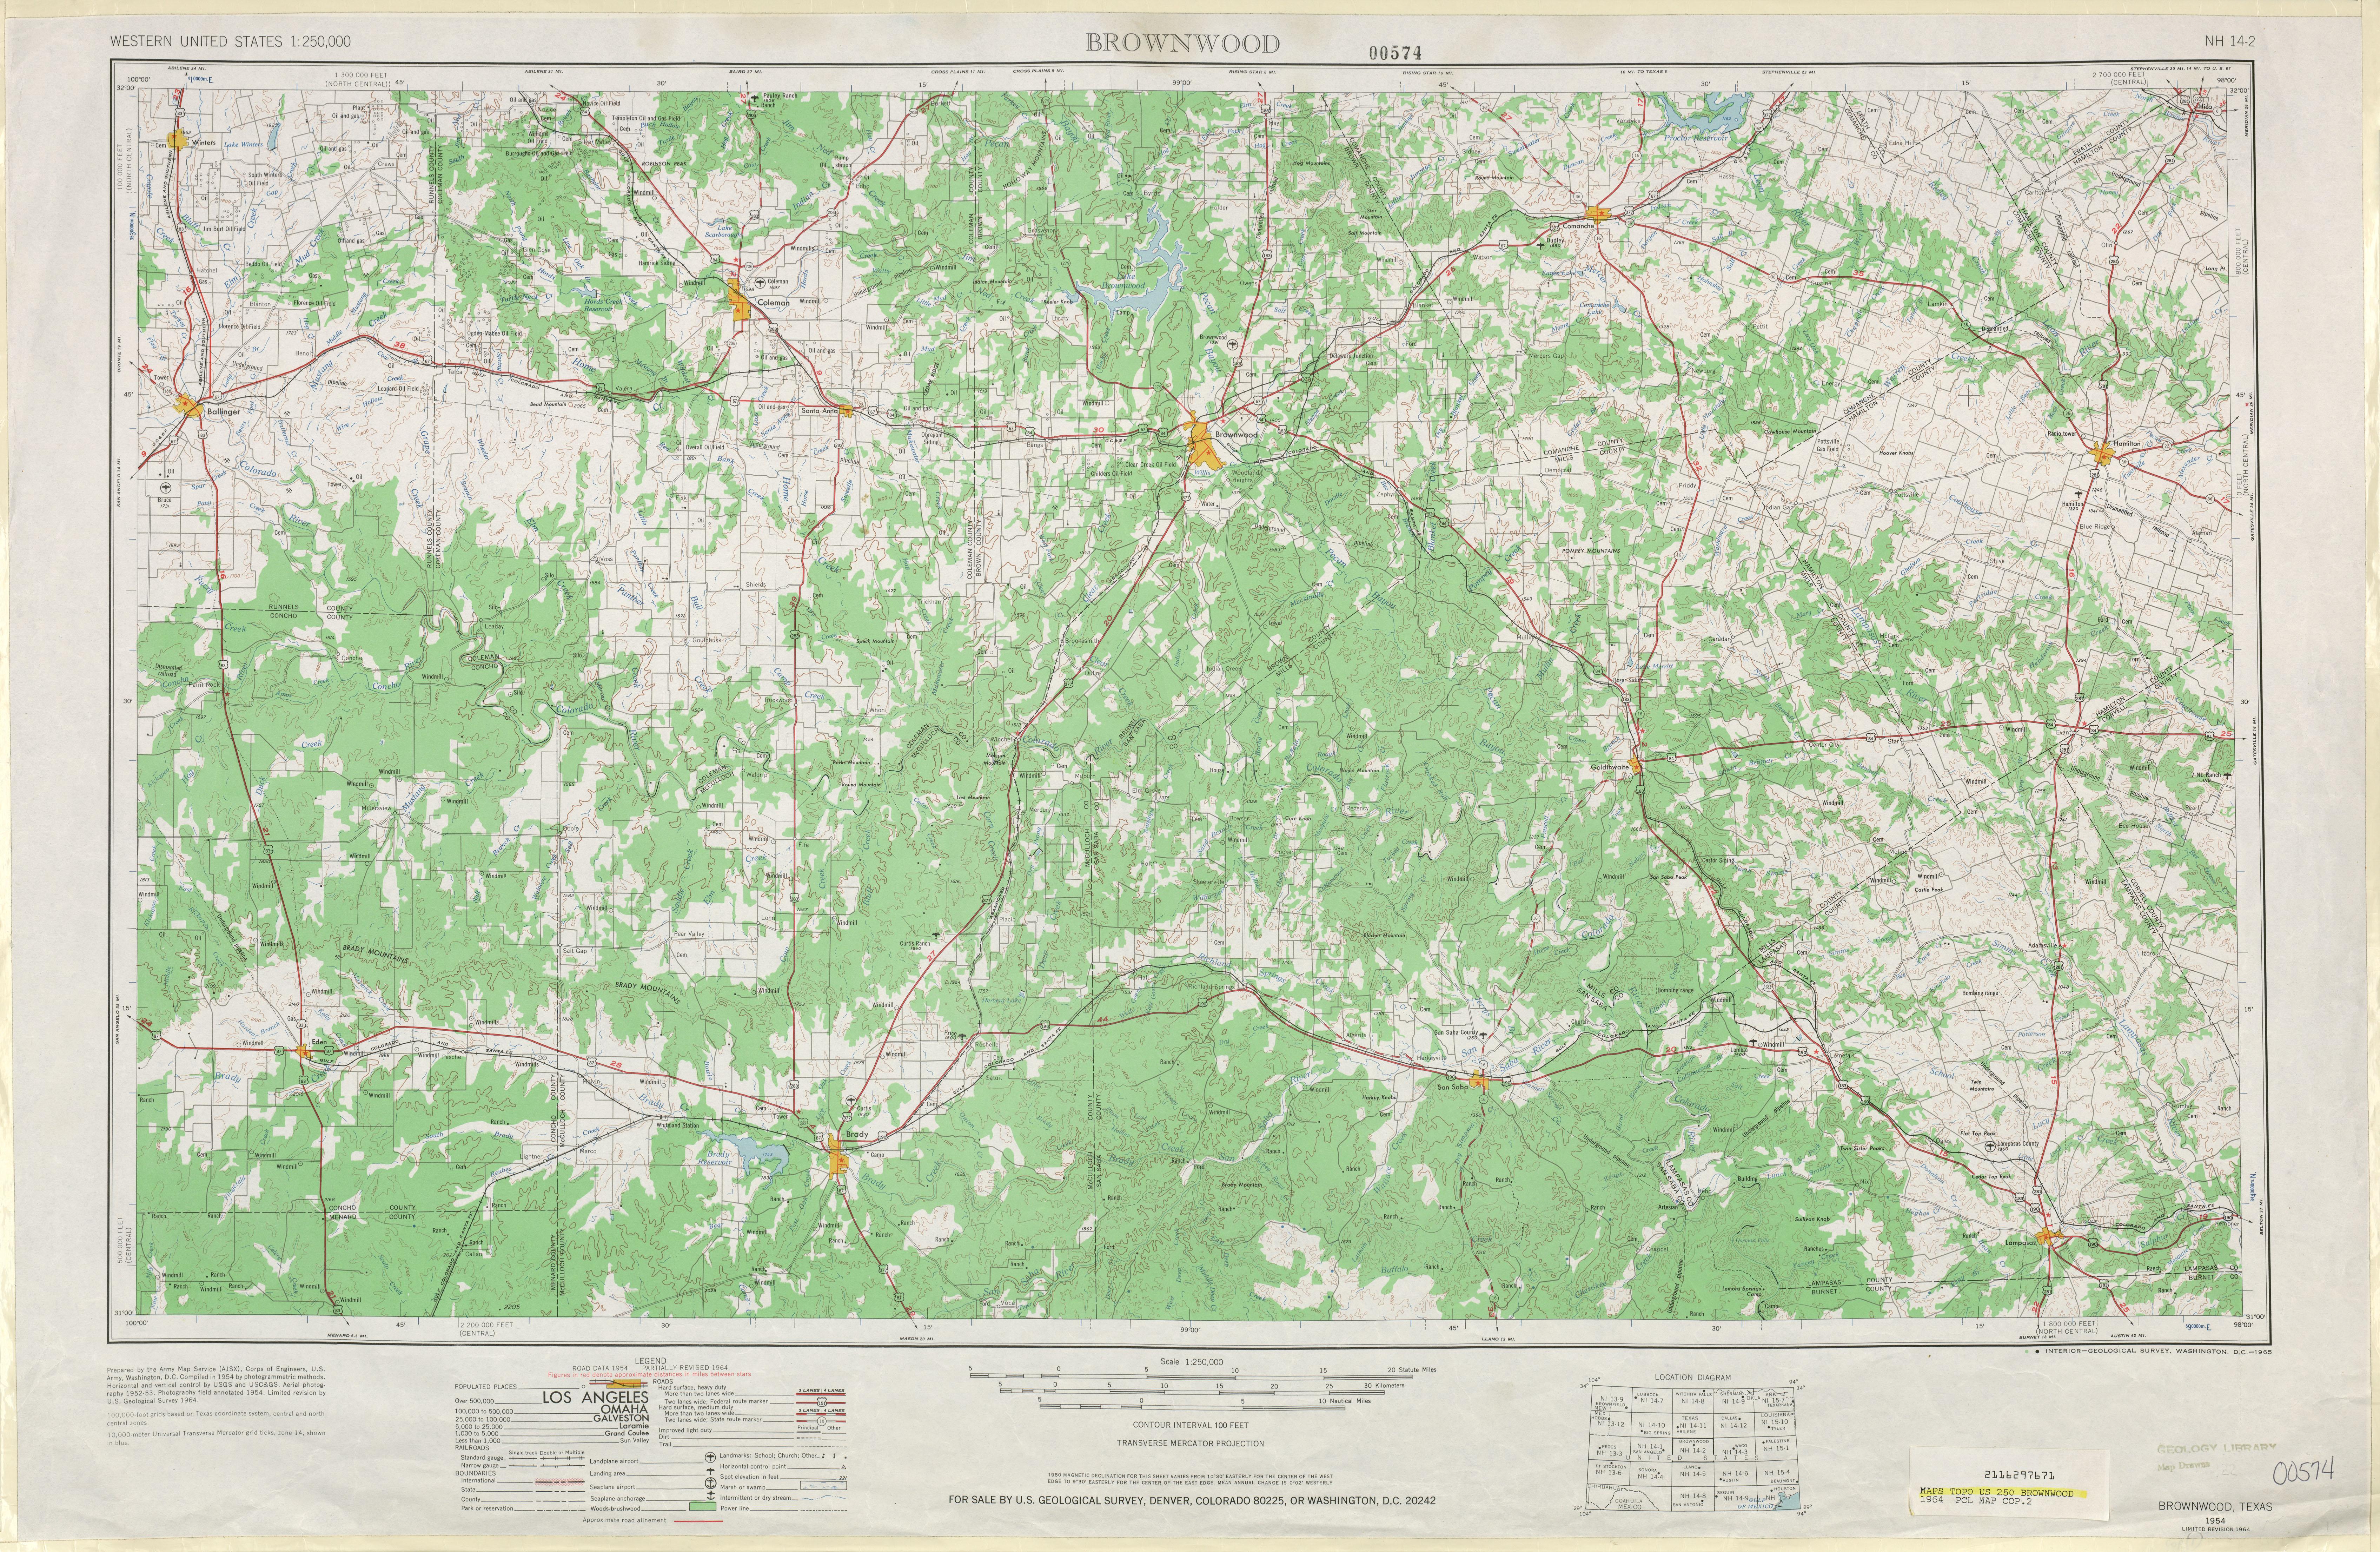 Hoja Brownwood del Mapa Topográfico de los Estados Unidos 1964